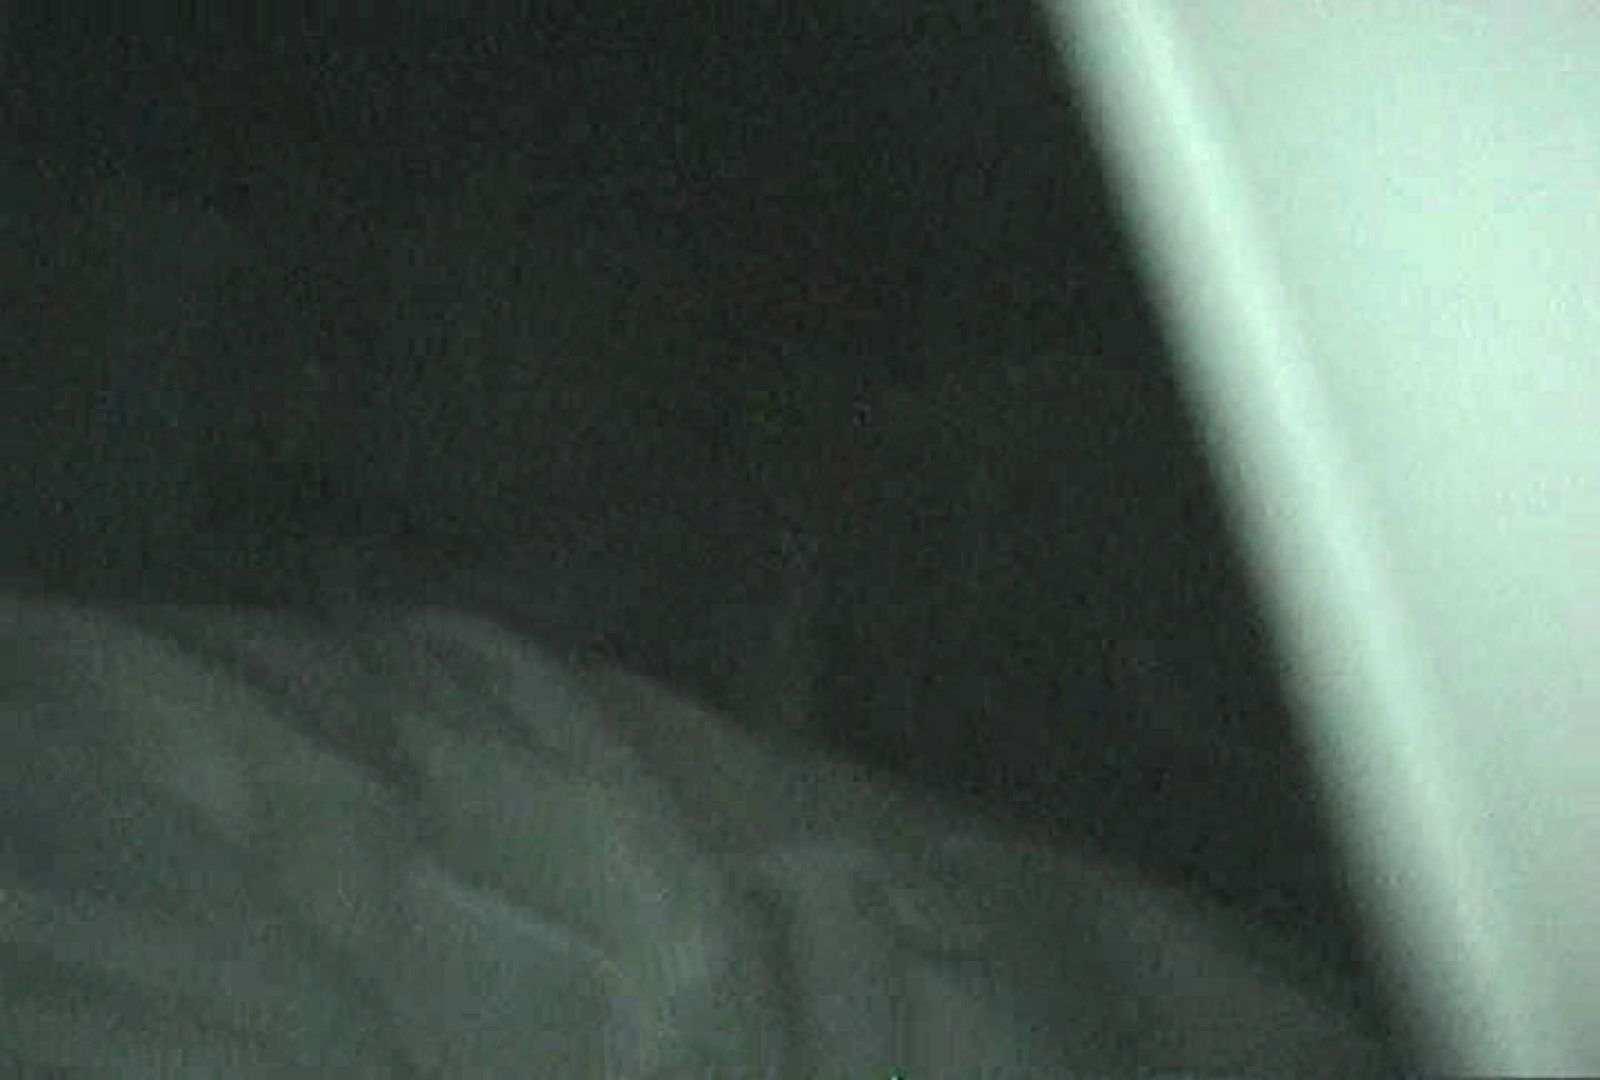 充血監督の深夜の運動会Vol.77 全裸 盗撮セックス無修正動画無料 90連発 66